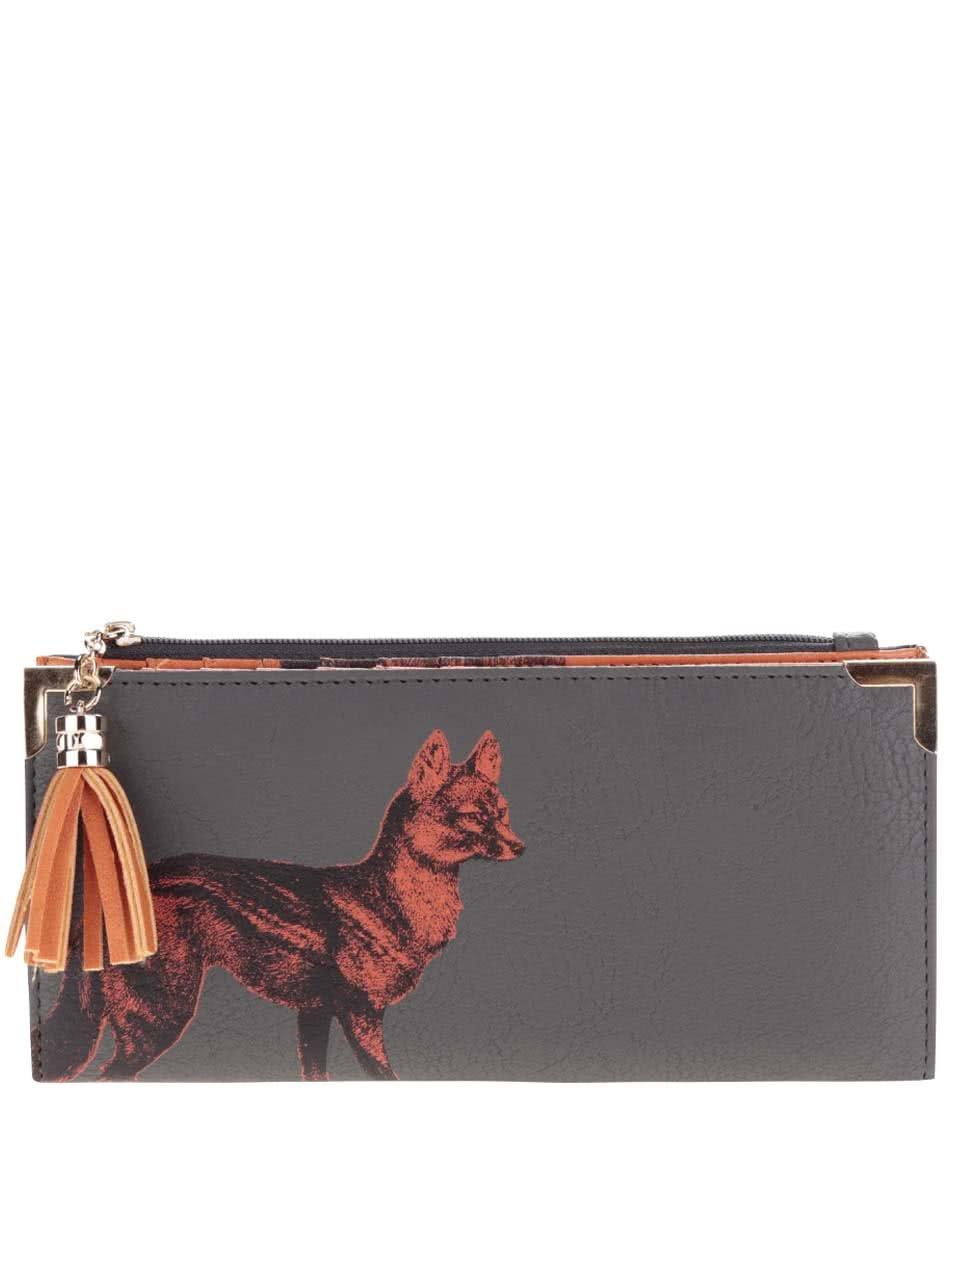 Oranžovo-šedá peněženka s potiskem lišky Disaster